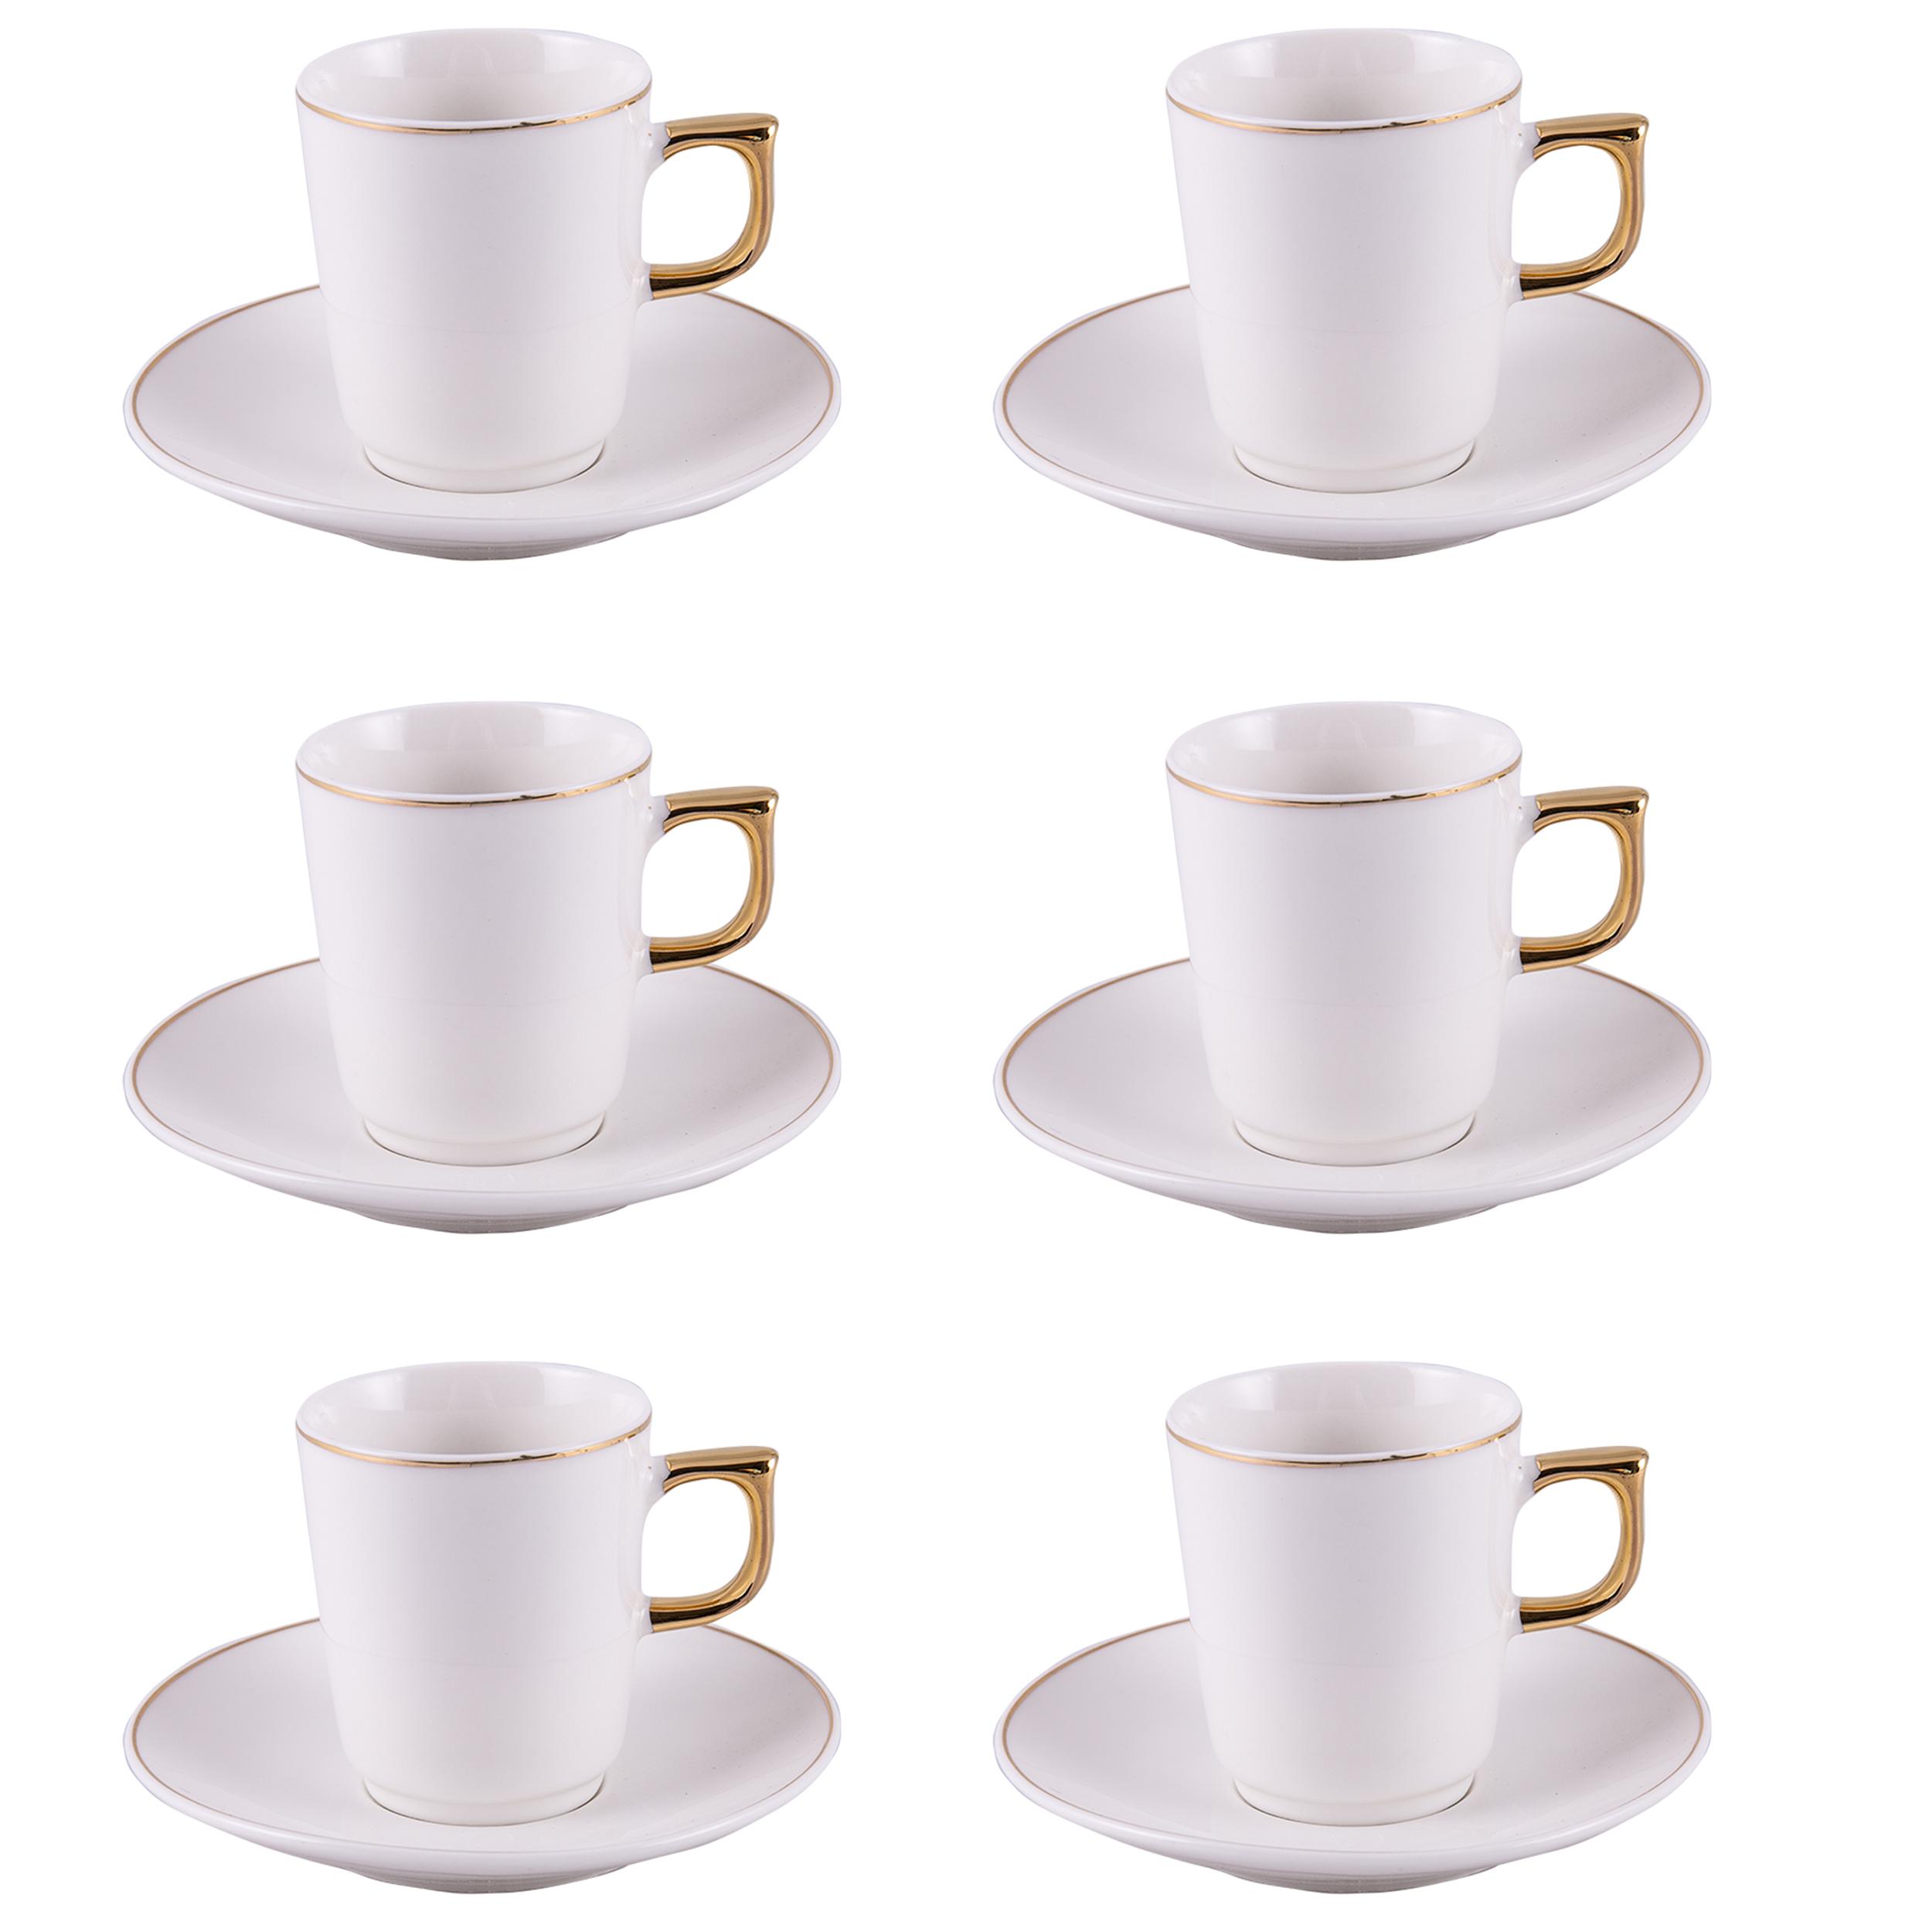 سرویس قهوه خوری 12 پارچه کاراجا مدل WINSTON